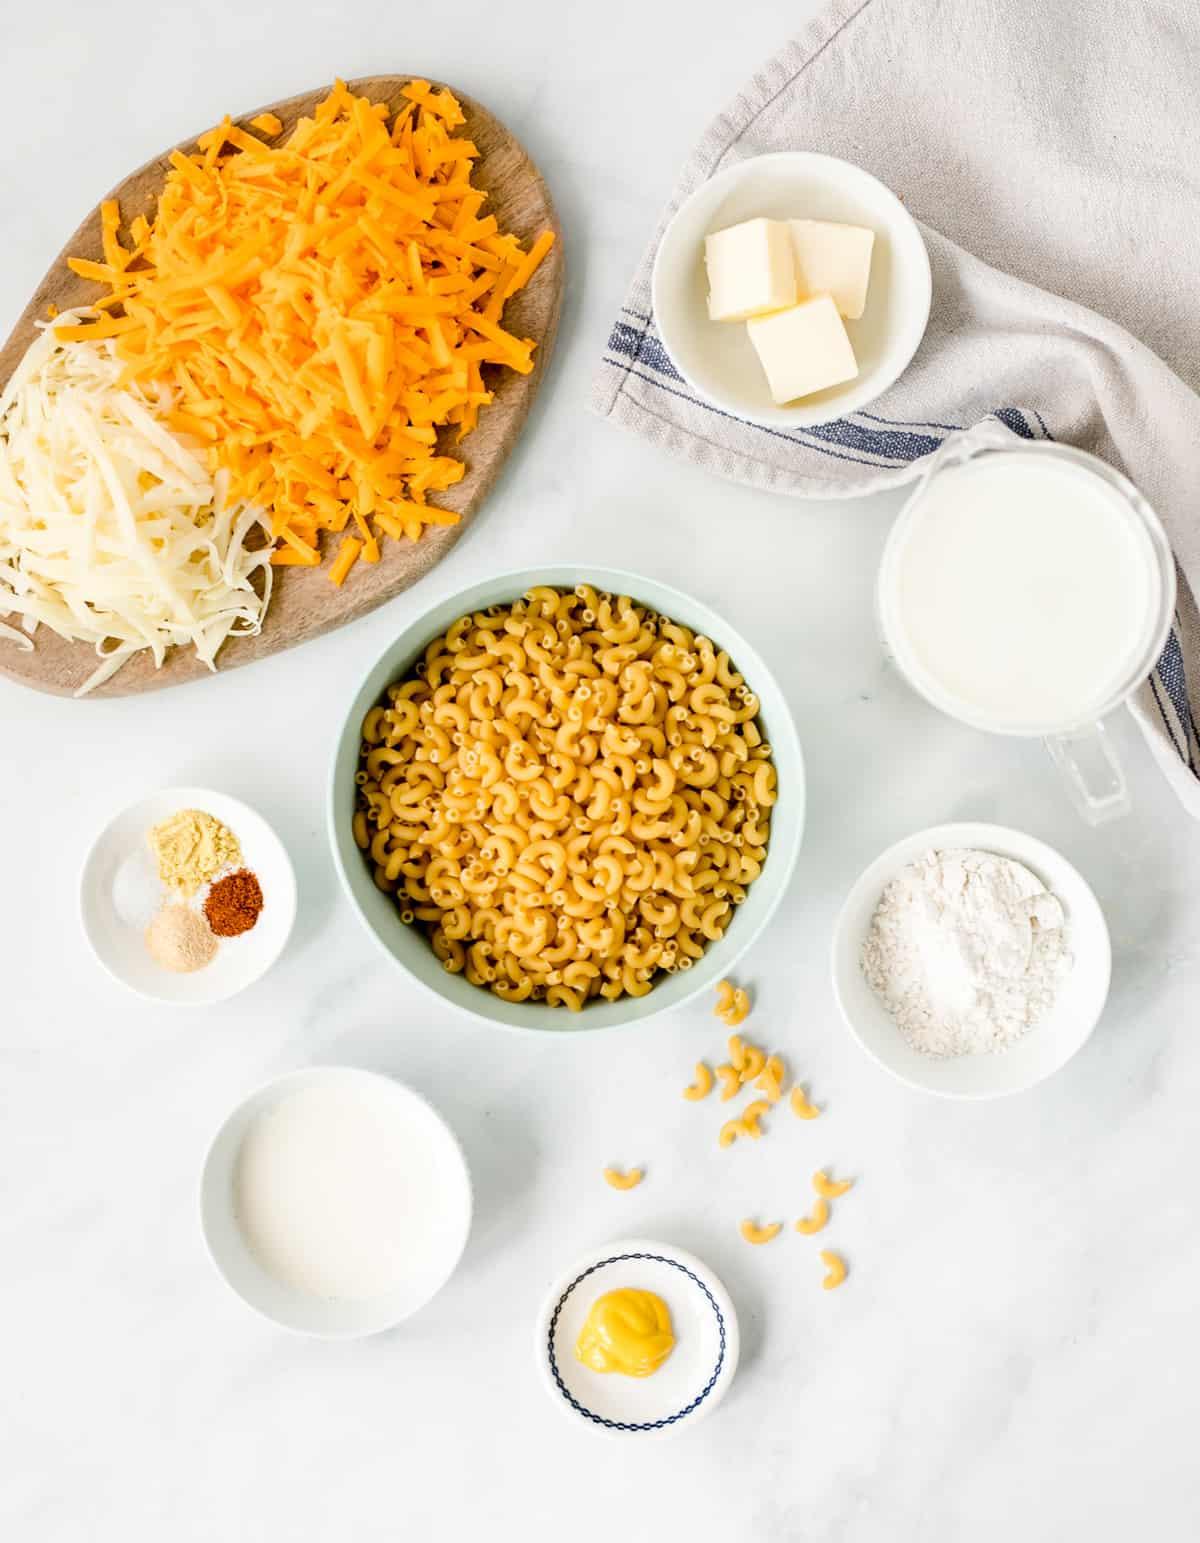 Ingredients needed: elbow noodles, pasta water, unsalted butter, all-purpose flour, mustard, whole milk, heavy cream, ground mustard, salt, garlic powder, cayenne pepper, sharp cheddar cheese and mozzarella cheese.